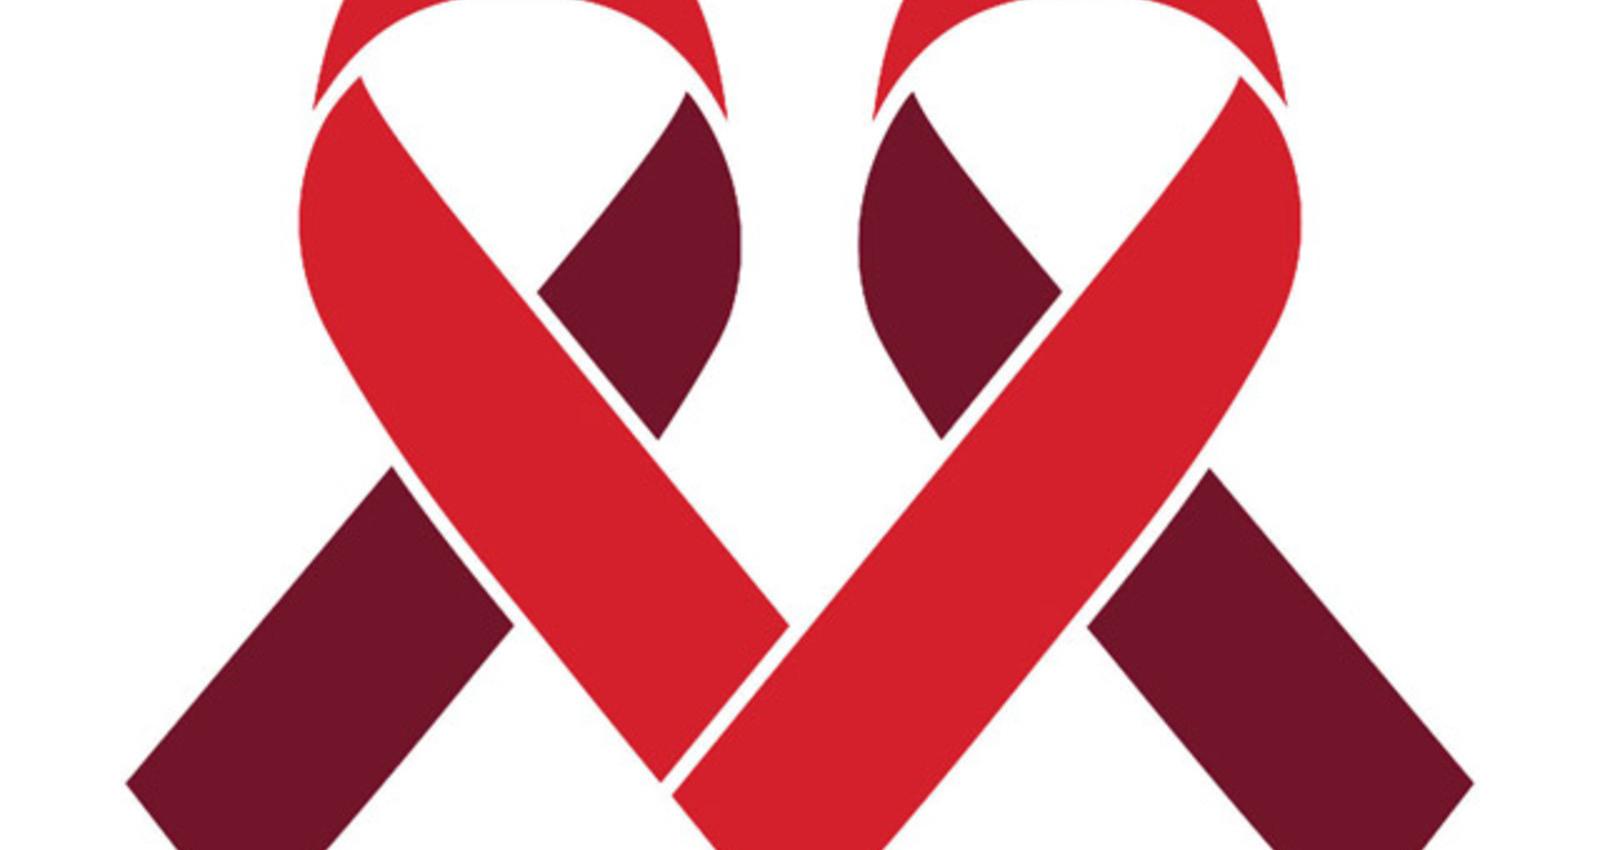 AIDS Heart